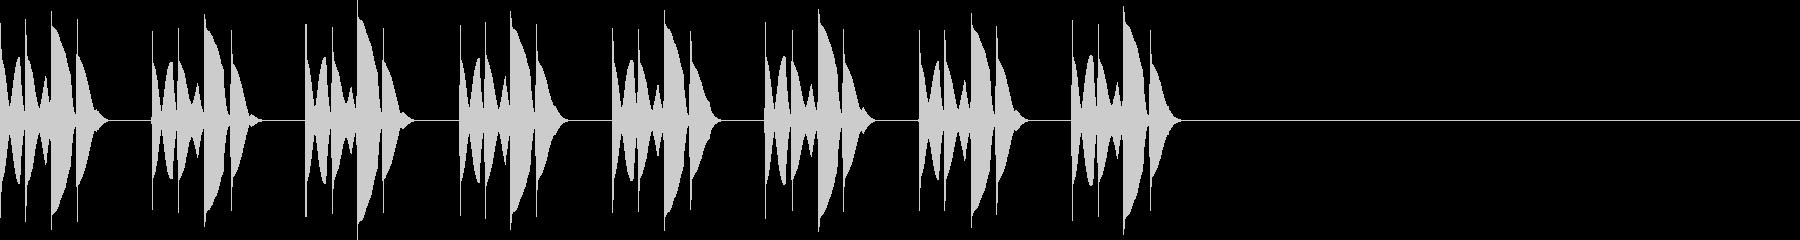 ピロリロピロリロ・・・の未再生の波形